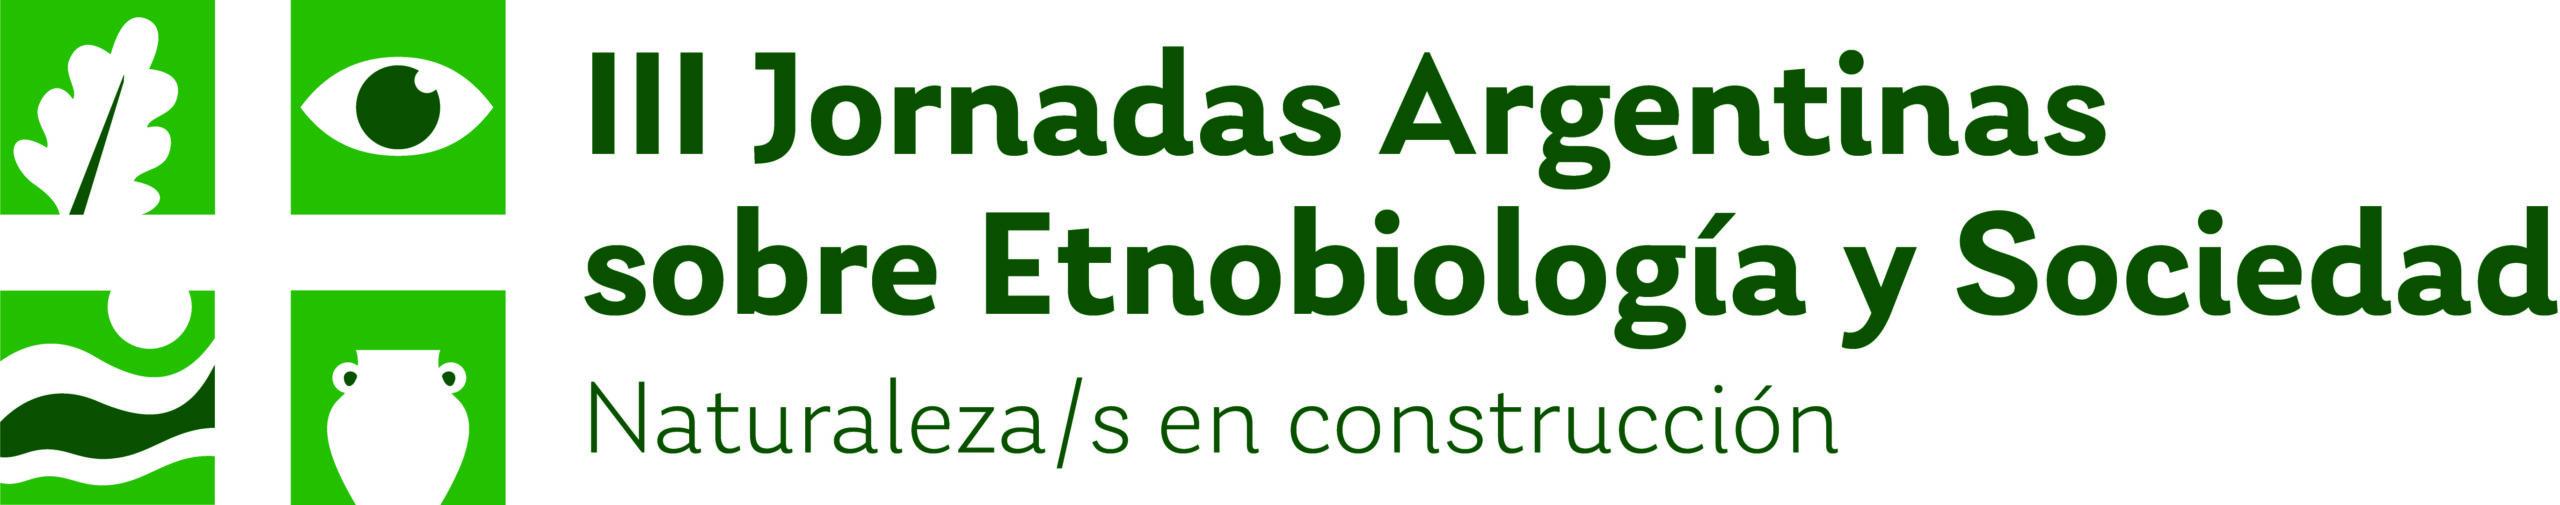 III Jornadas Argentinas de Etnobiología y Sociedad Logo